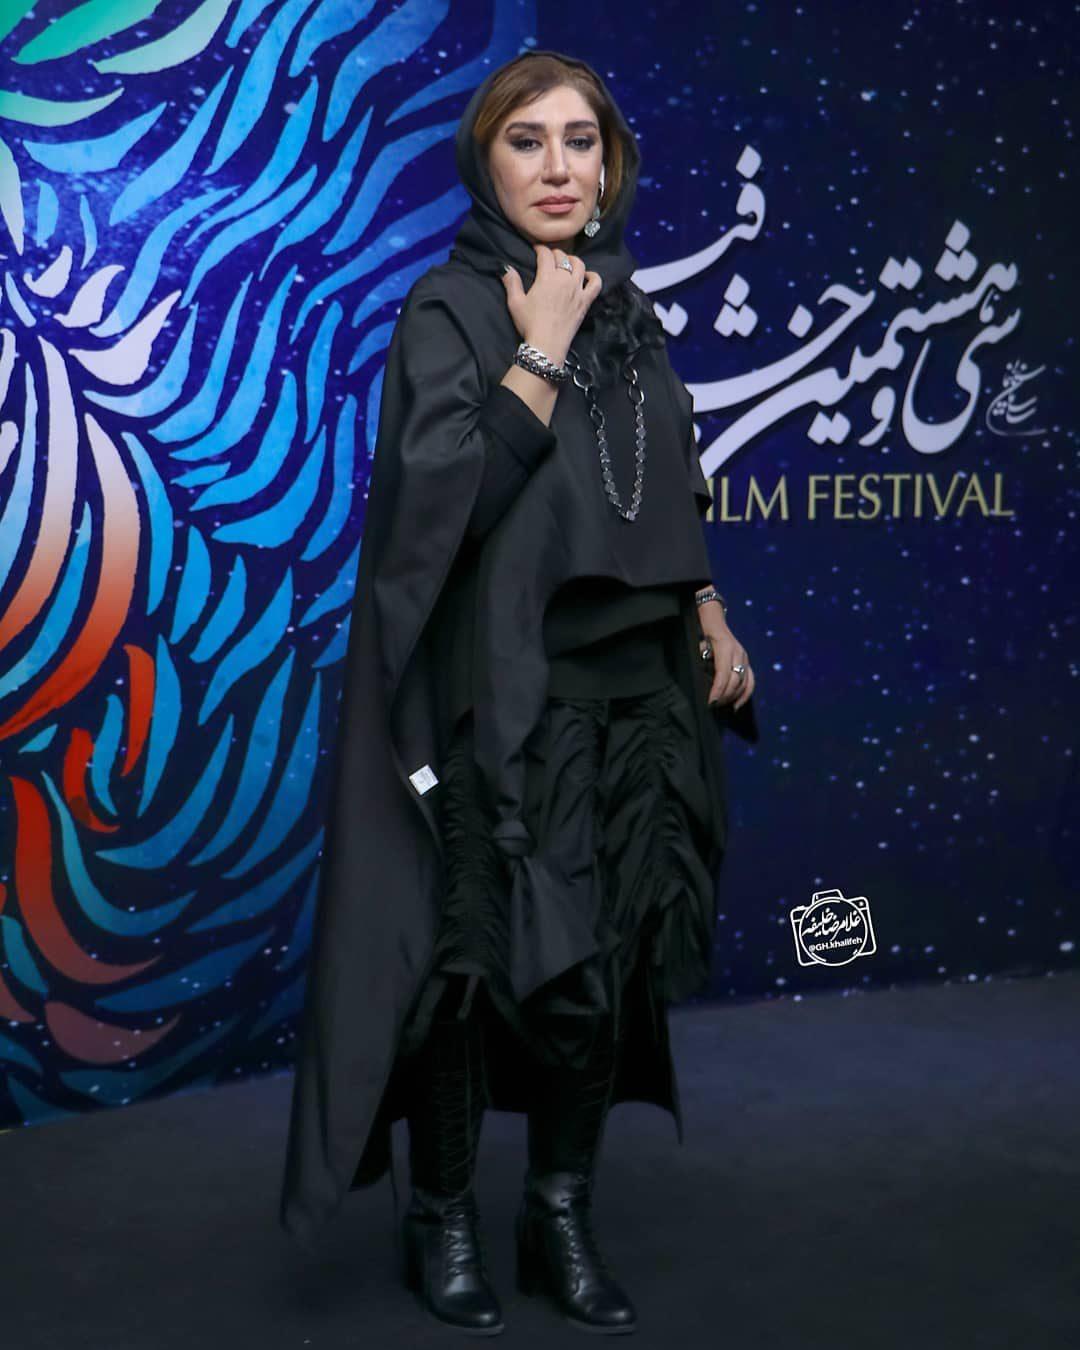 عکس نسیم ادبی در اختتامیه جشنوراه فیلم فجر 98